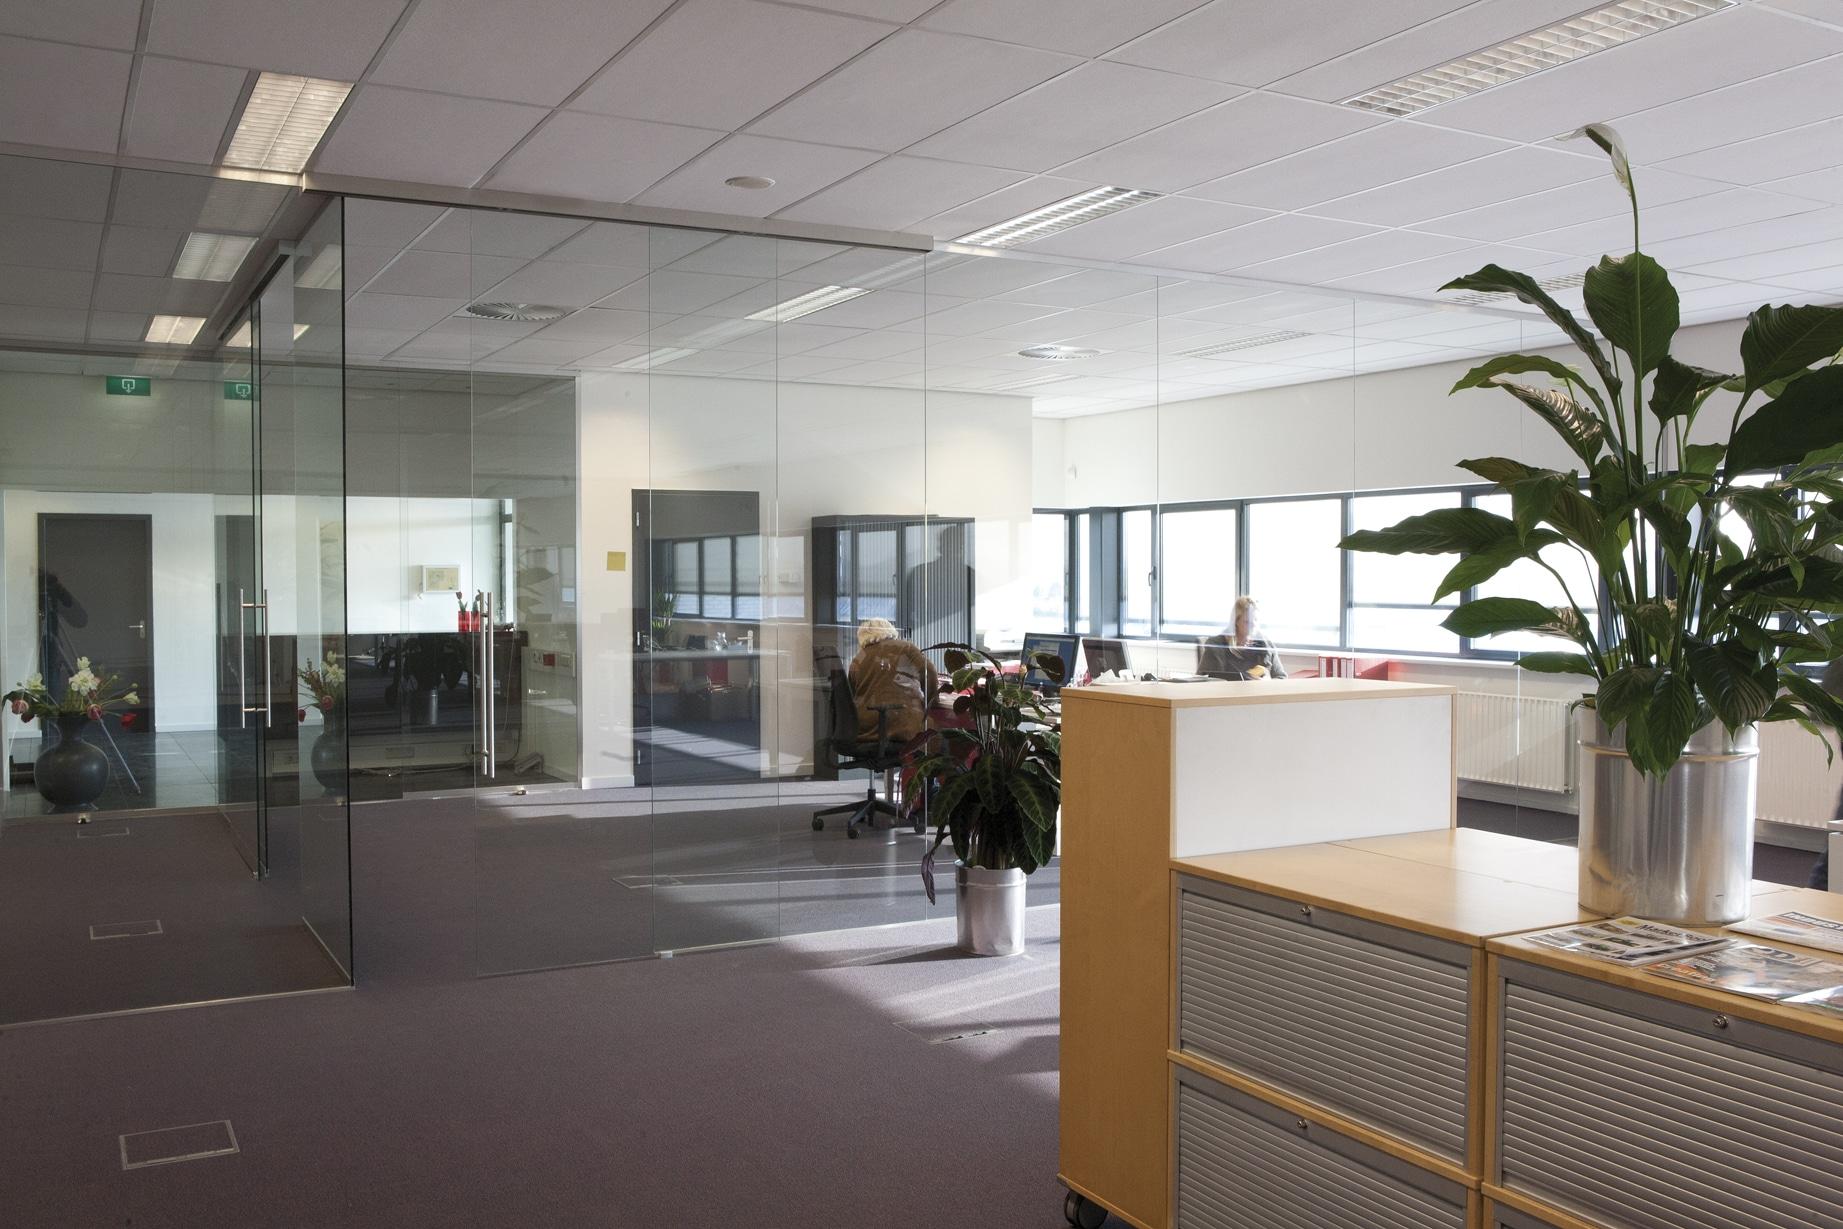 Tussenwand van glas in kantoor